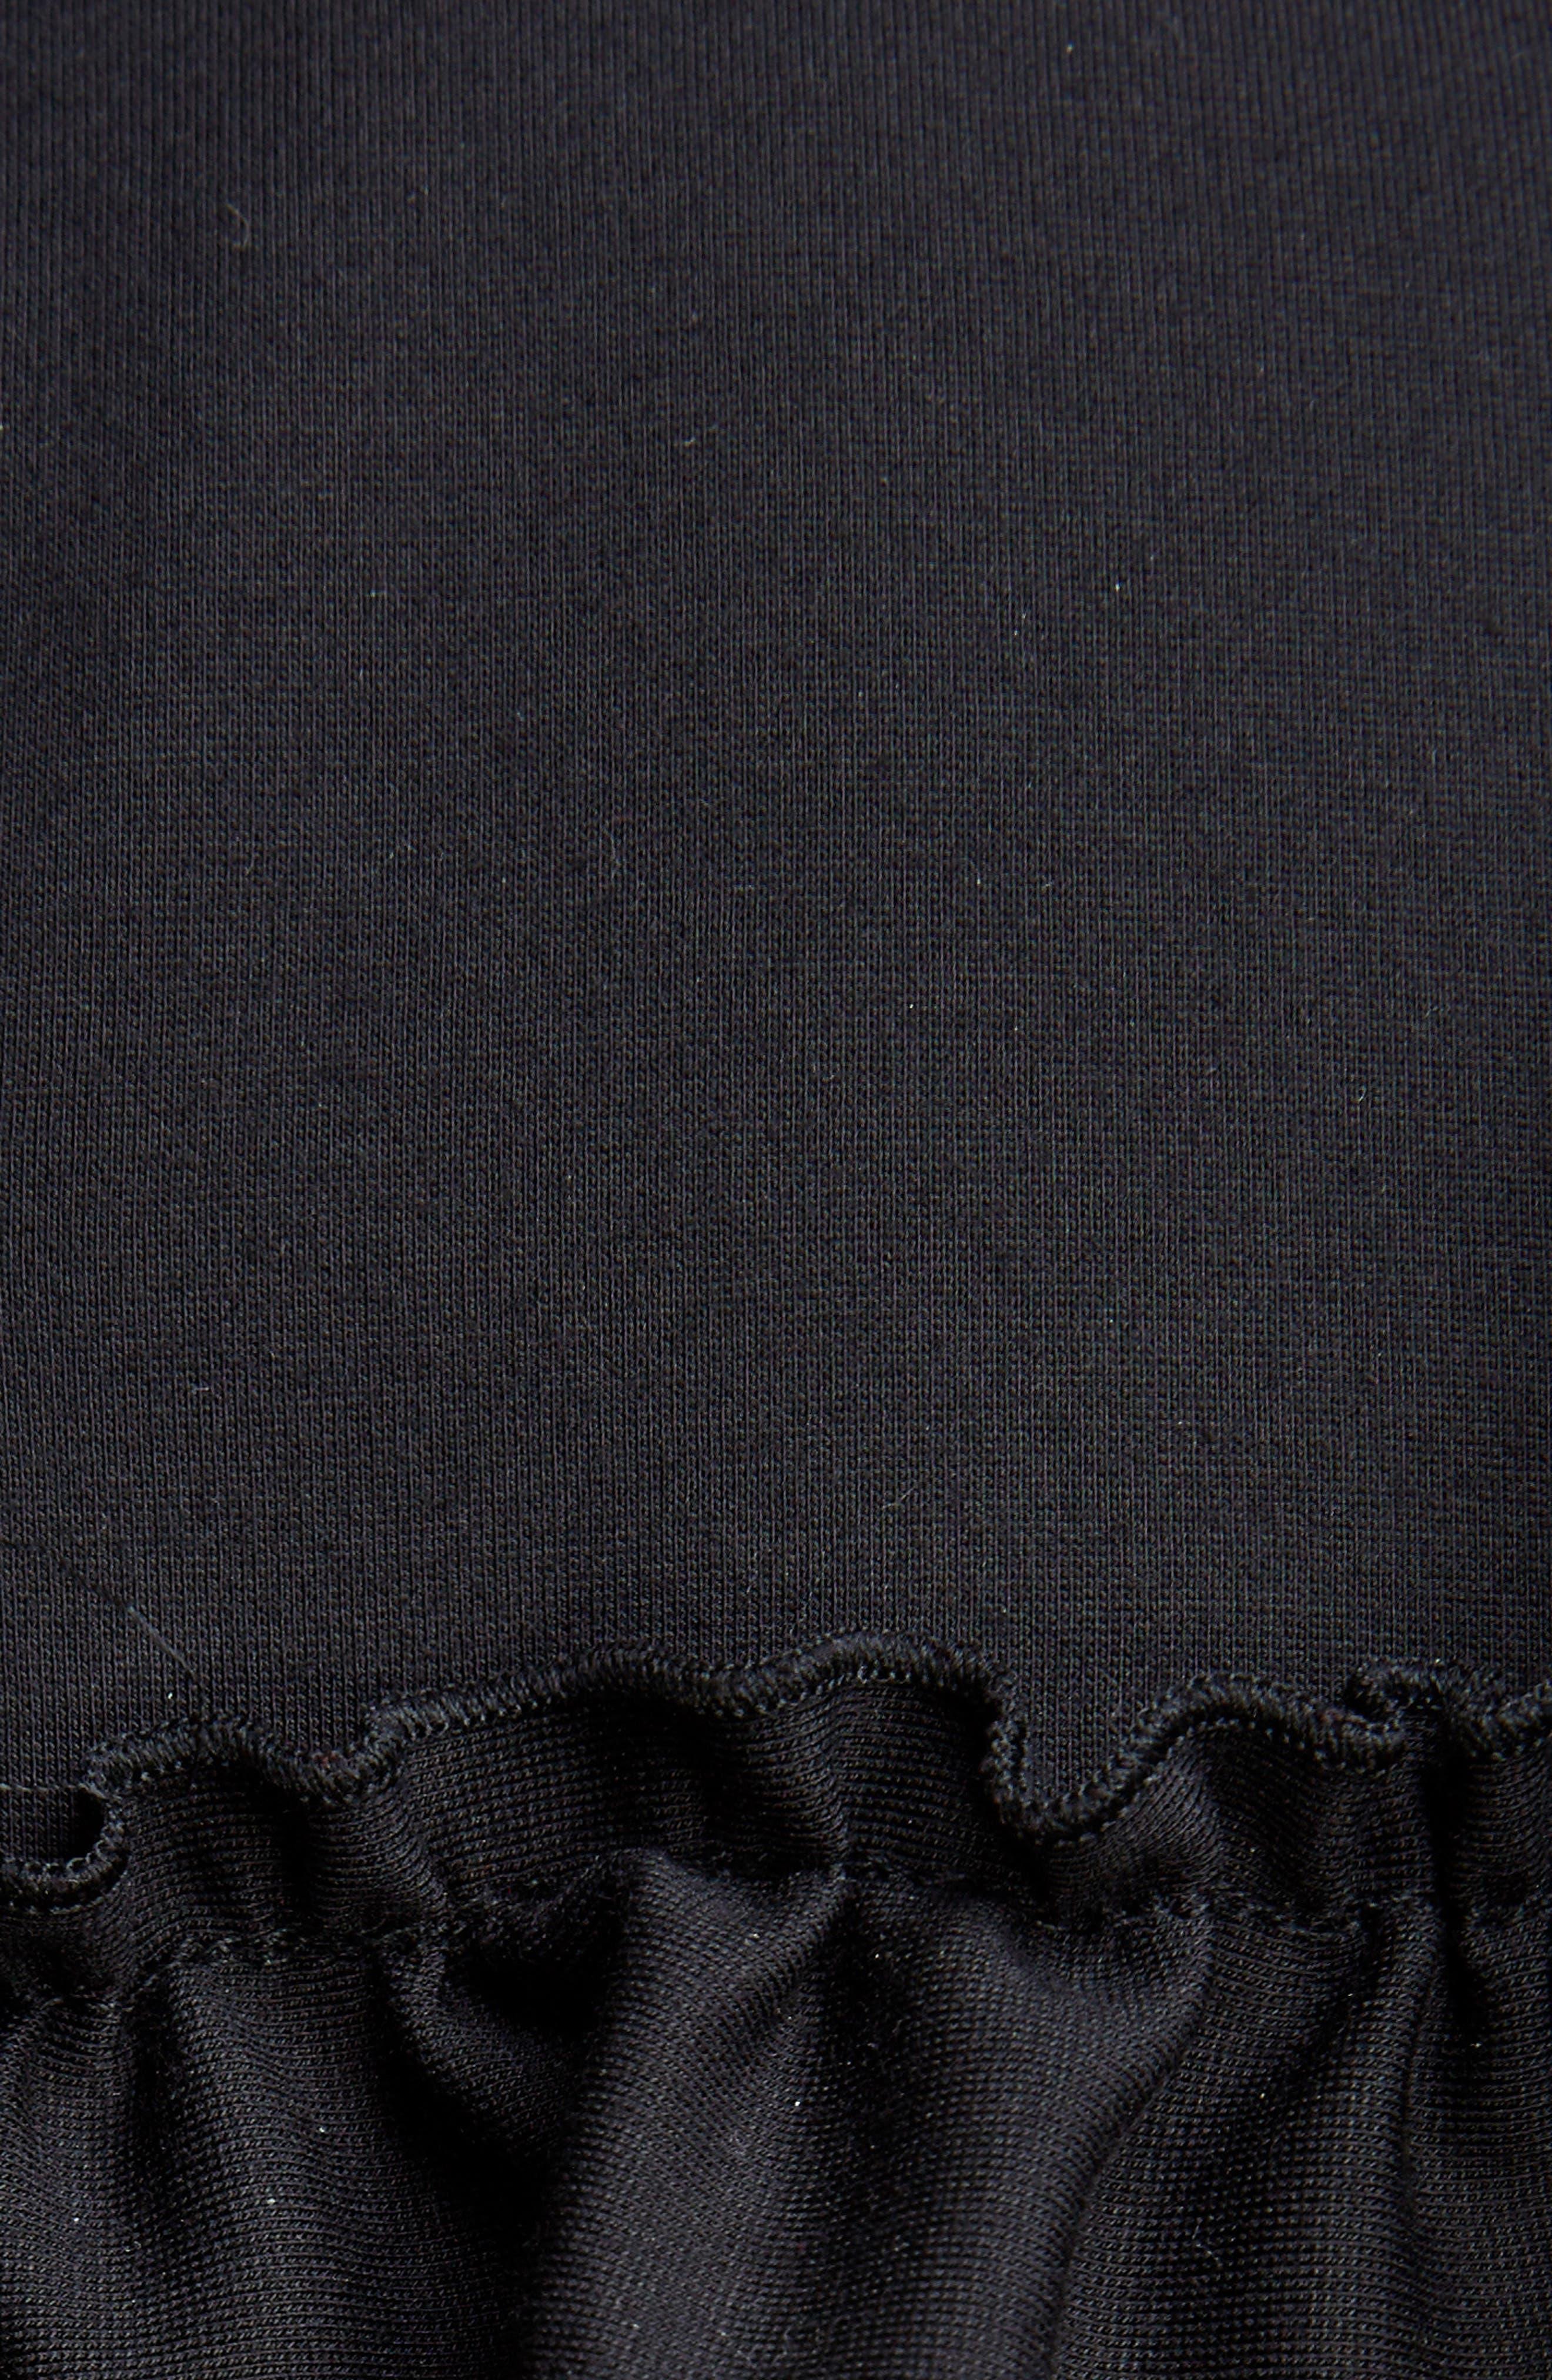 Embellished Ruffle Bib Blouse,                             Alternate thumbnail 6, color,                             Black Jet